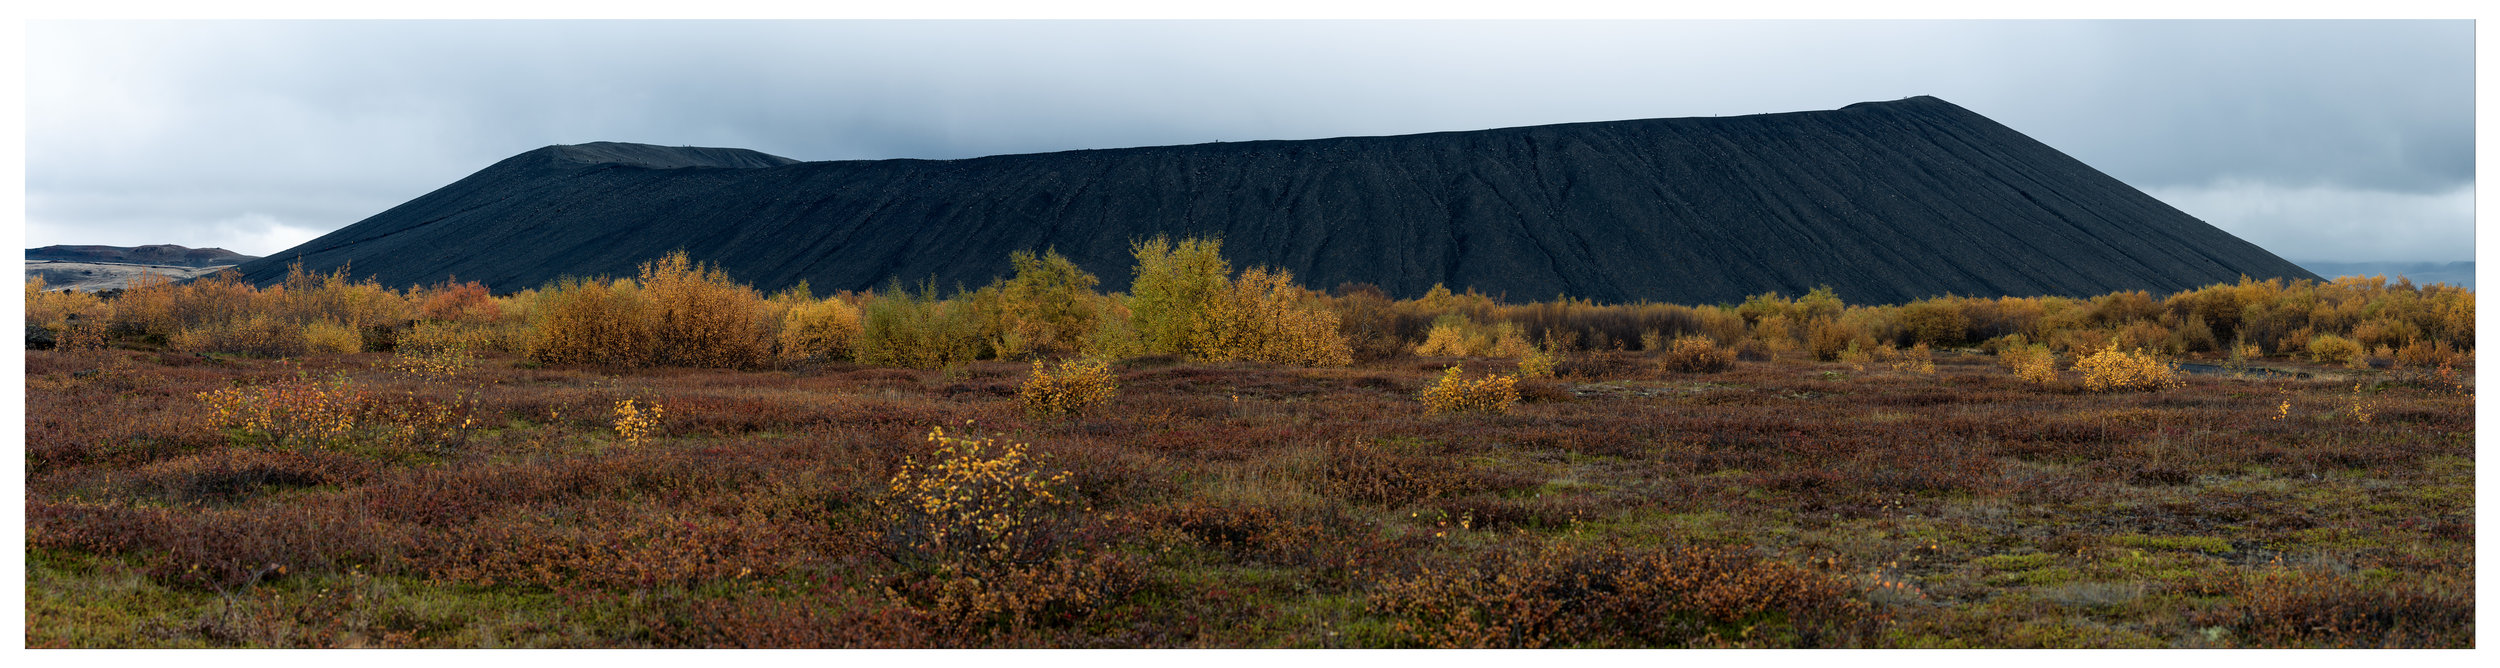 VolcanoCrater.jpg